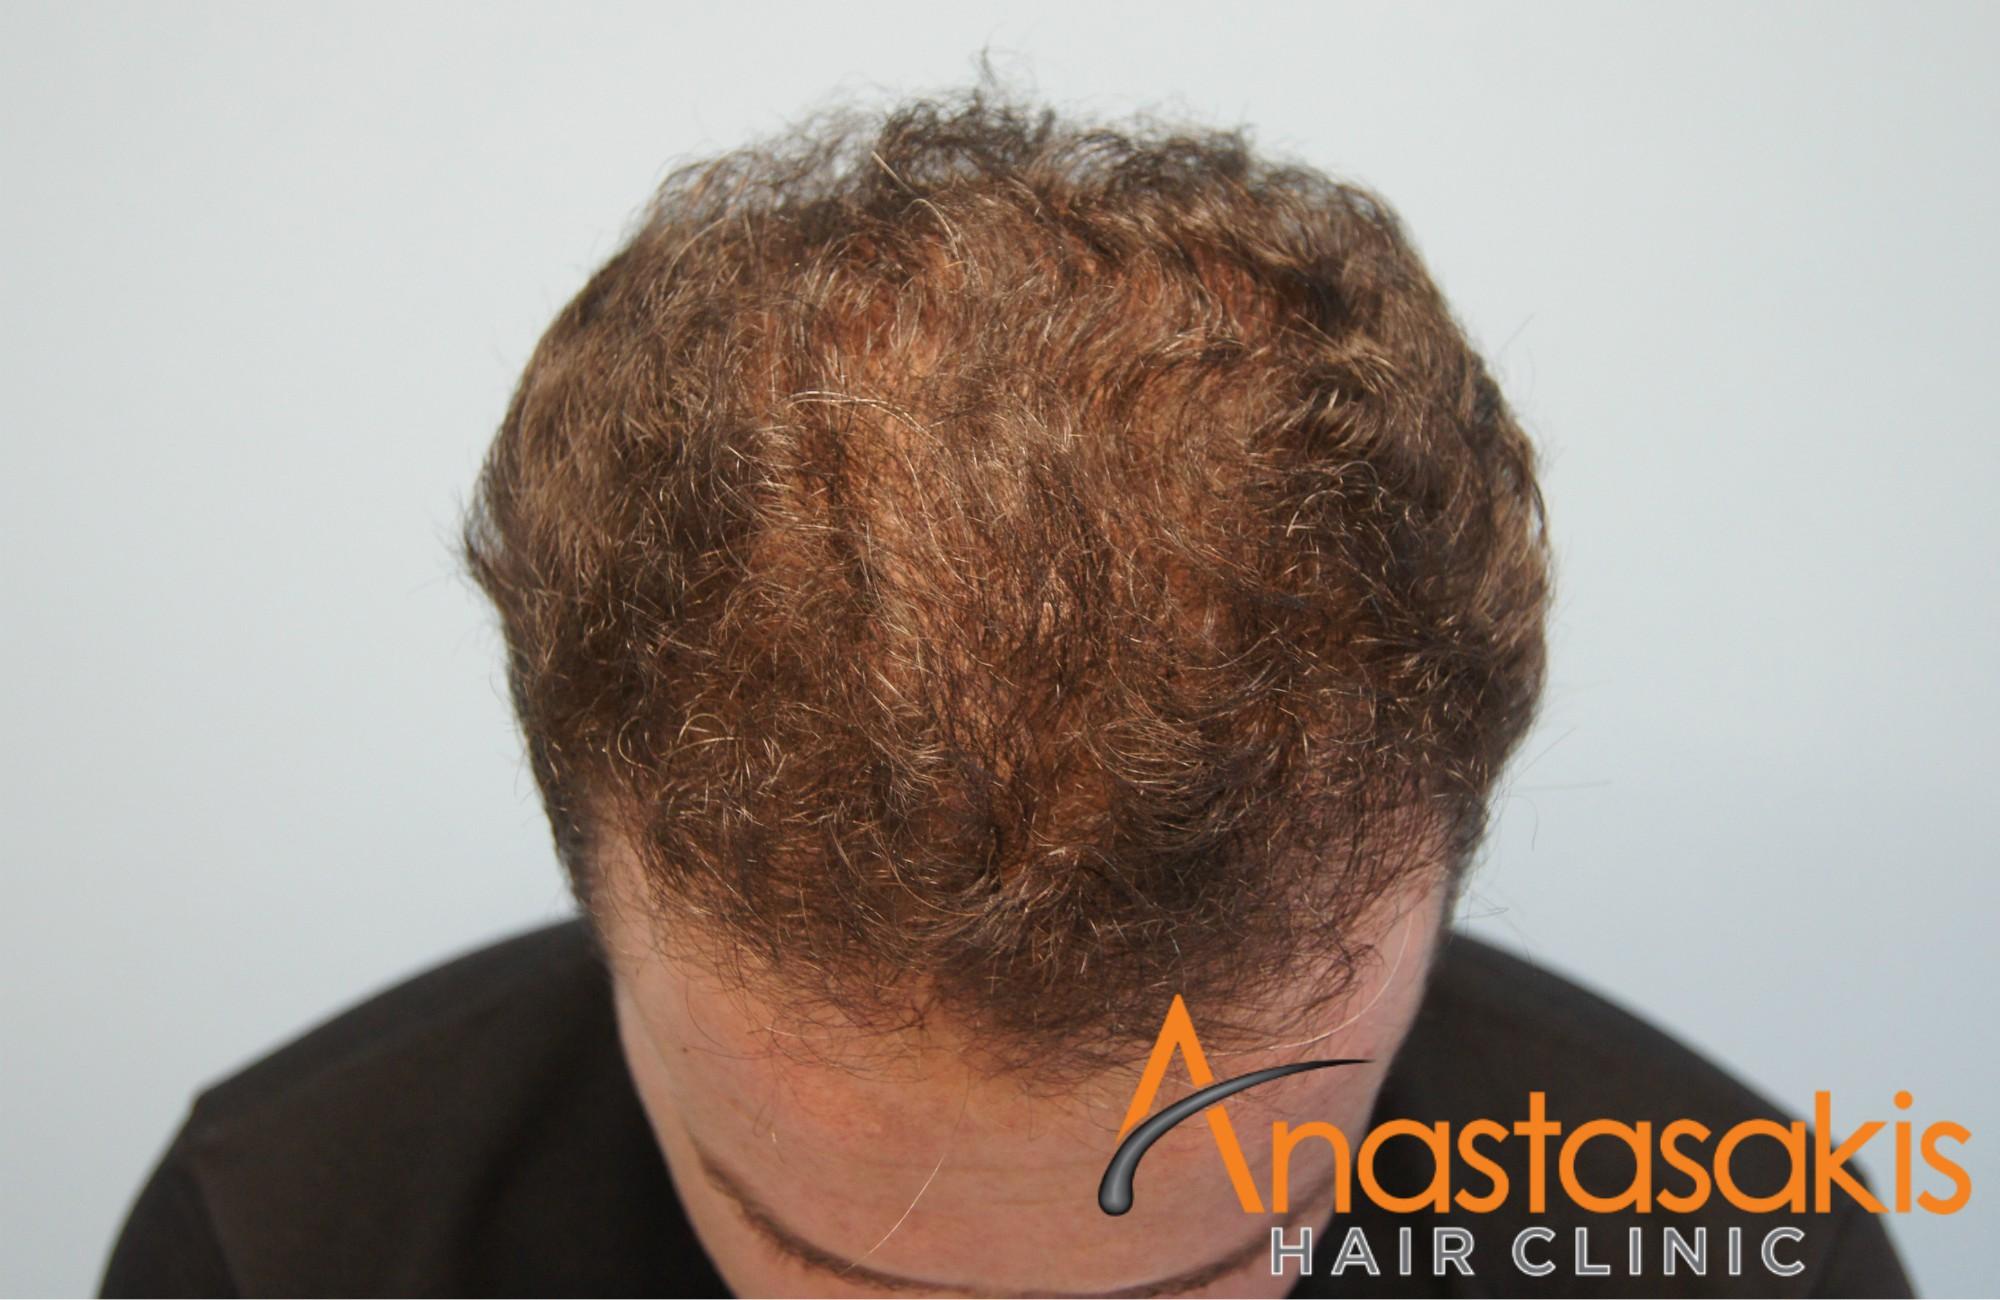 άνδρας μετά την εμφύτευση μαλλιών fut με 3500fus μπροστά προφίλ